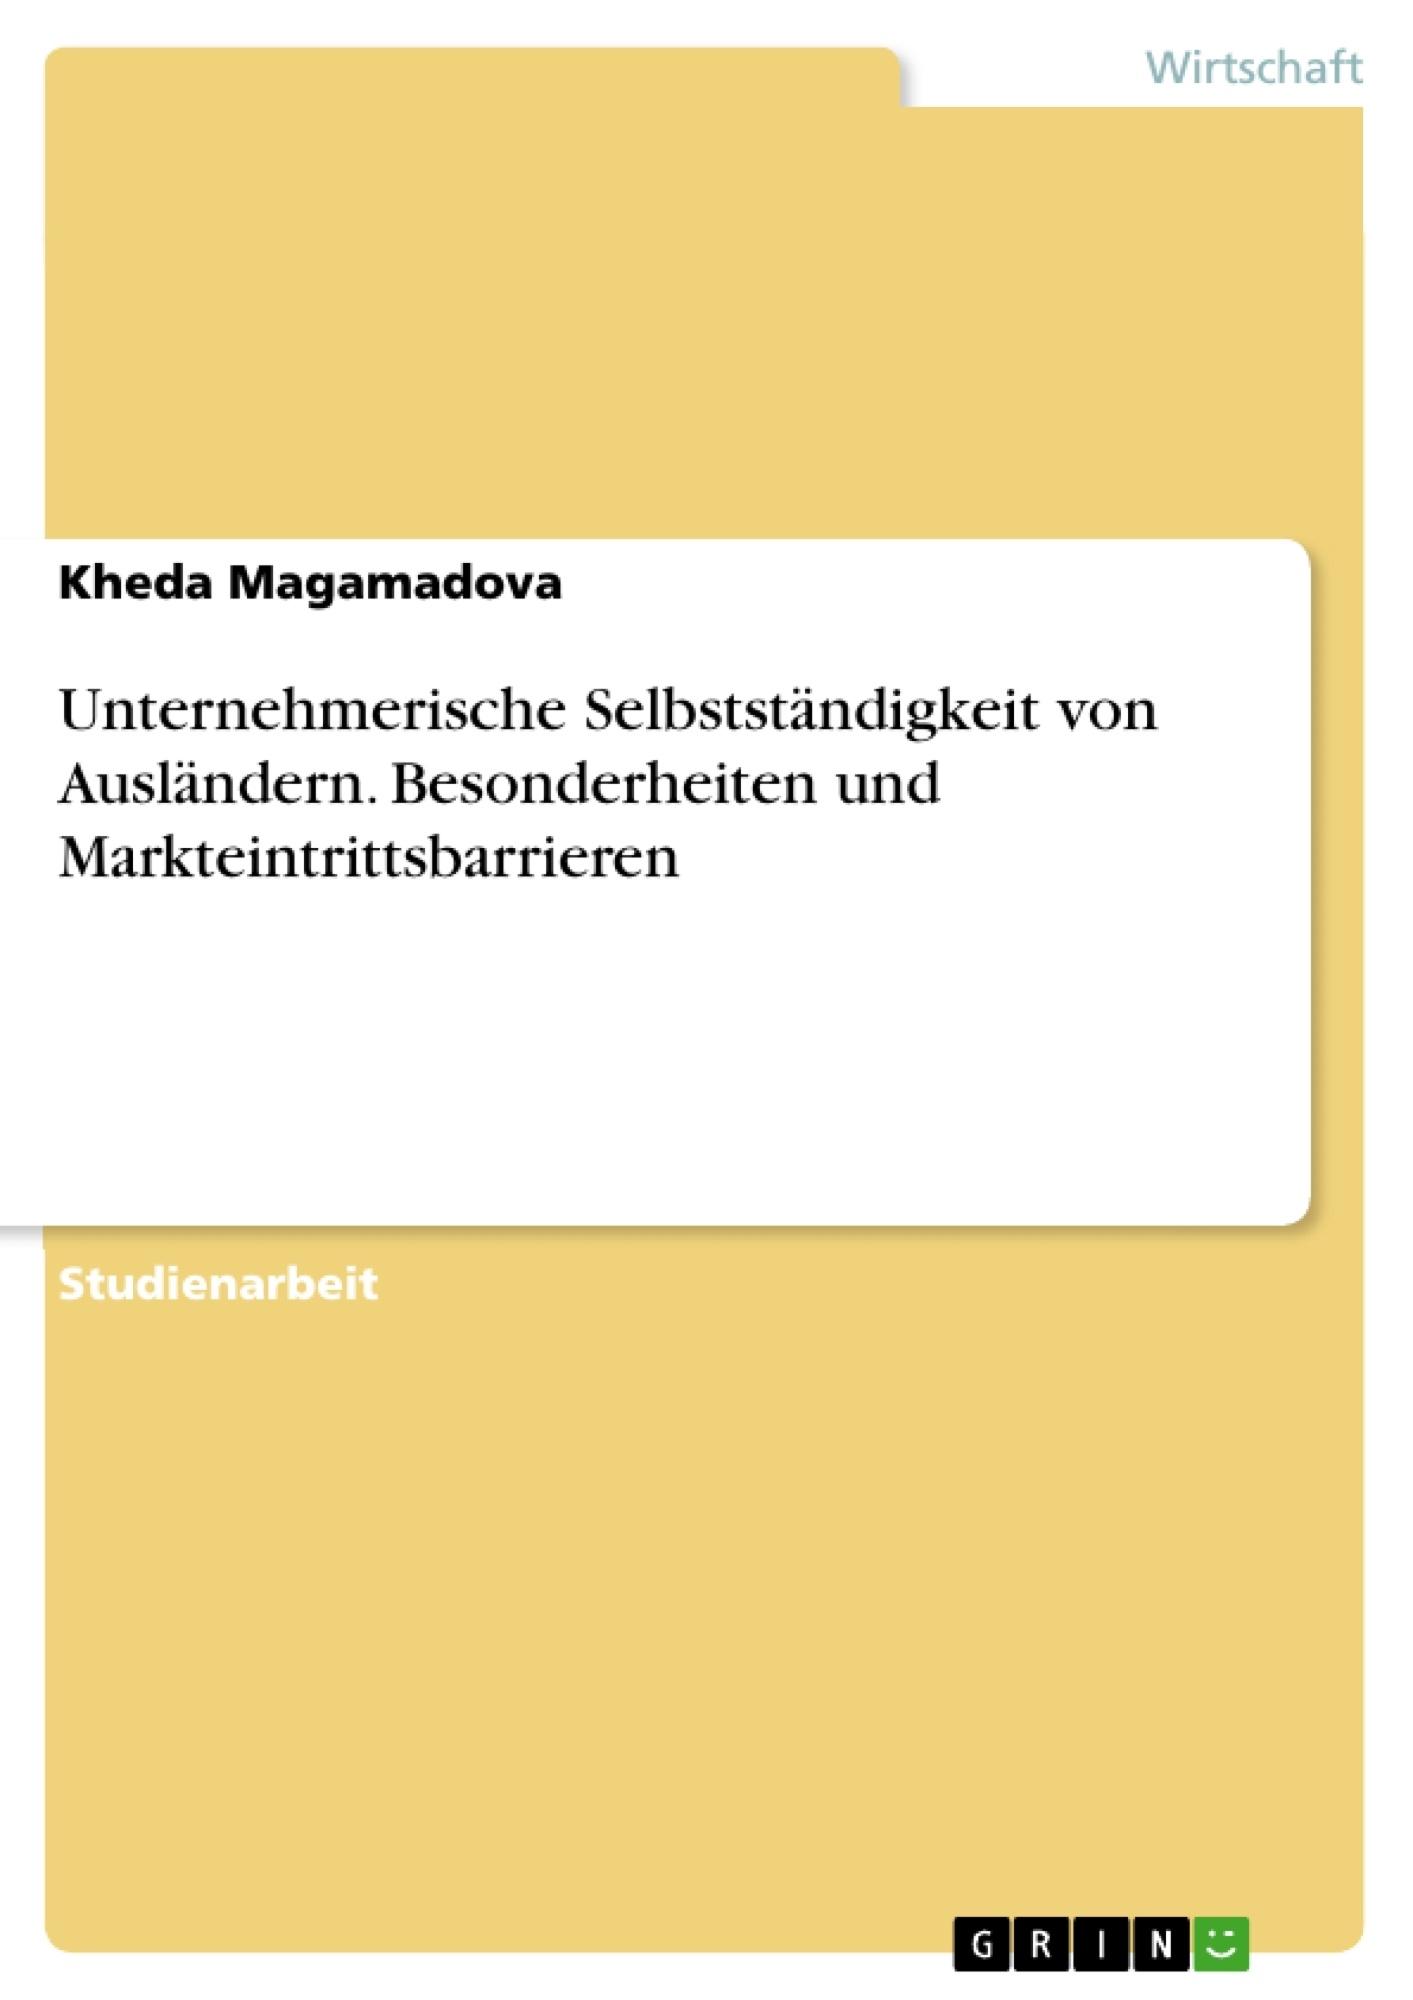 Titel: Unternehmerische Selbstständigkeit von Ausländern. Besonderheiten und Markteintrittsbarrieren